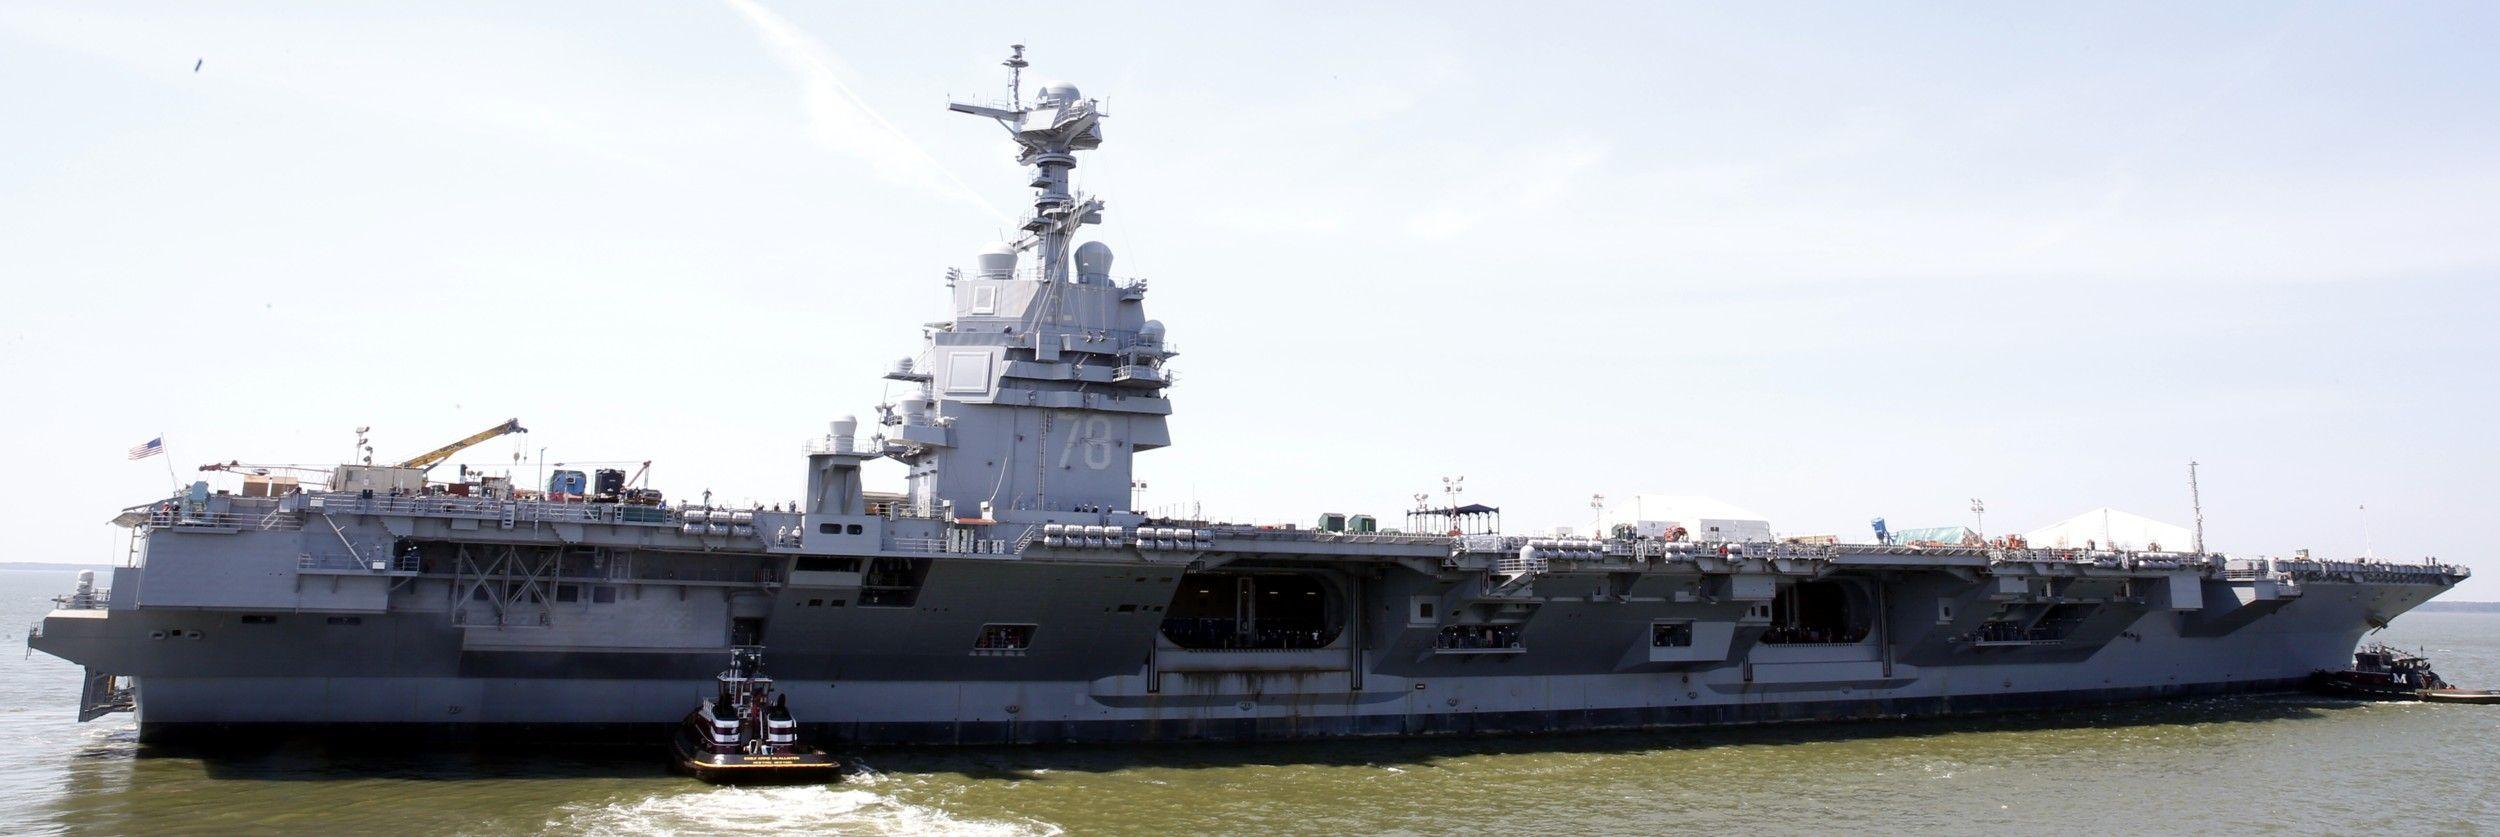 Cvn 78 Uss Gerald R Ford Aircraft Carrier Us Navy Newport News Shipbuilding 2016 25 Aircraft Carrier Ford Aircraft Carrier Uss Ford